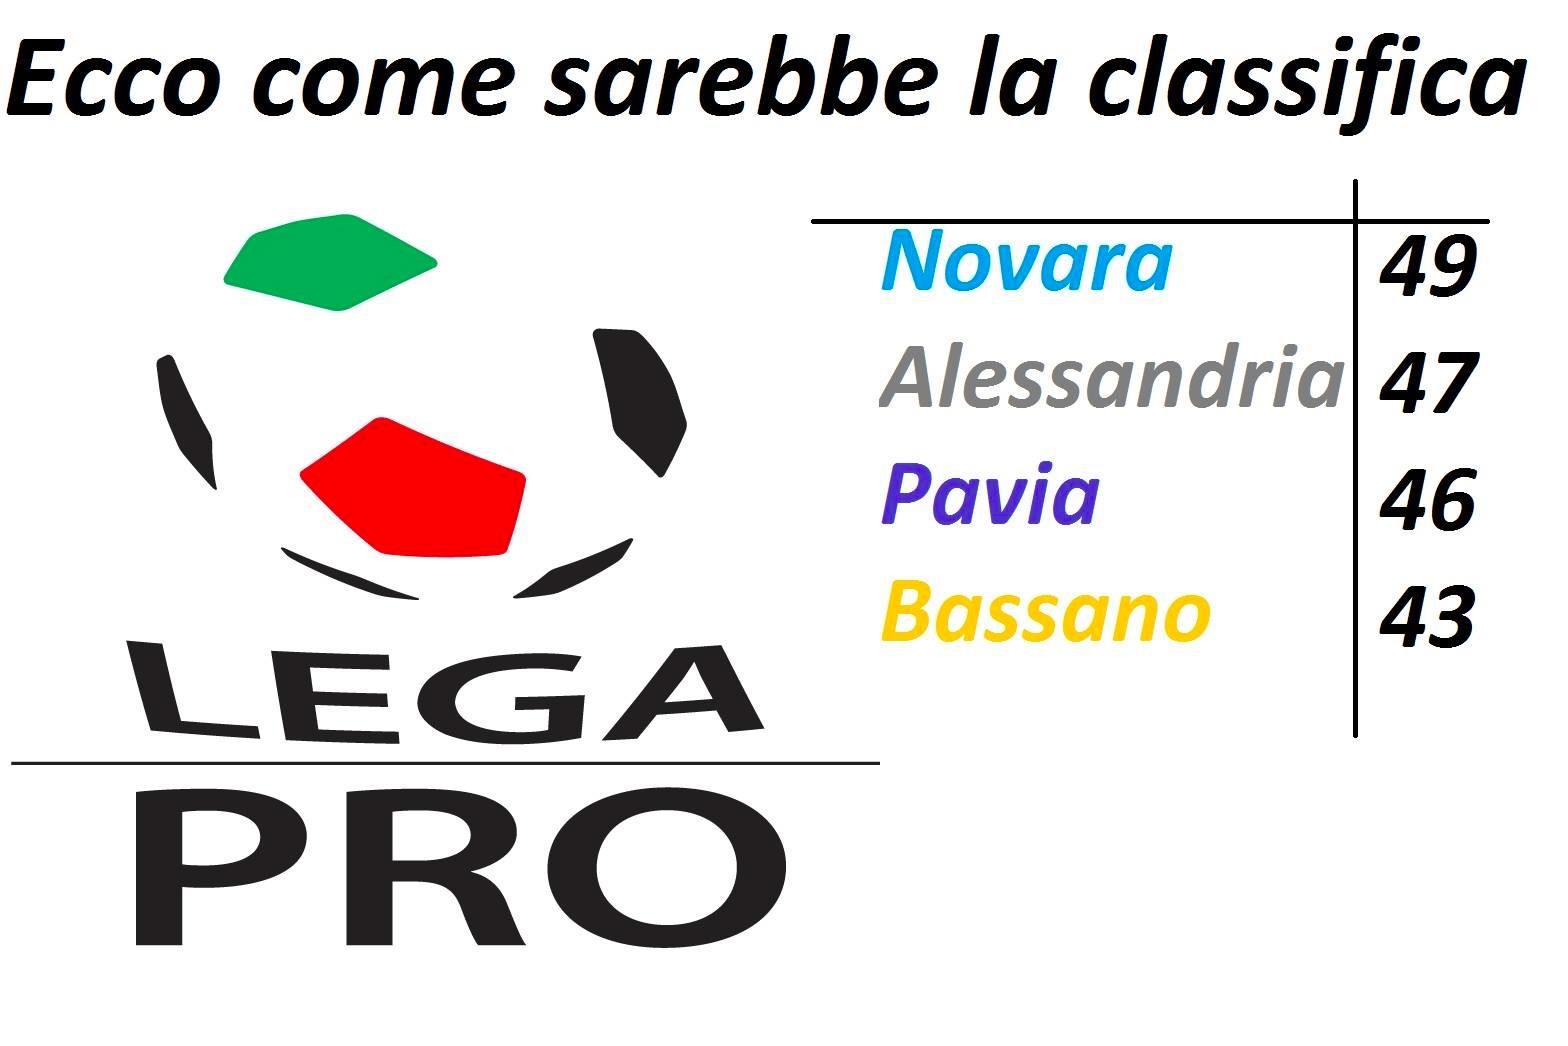 Lega Pro/ L'ipotesi di fallimento del Monza rende inattendibile la classifica. Perché non riscriverla?